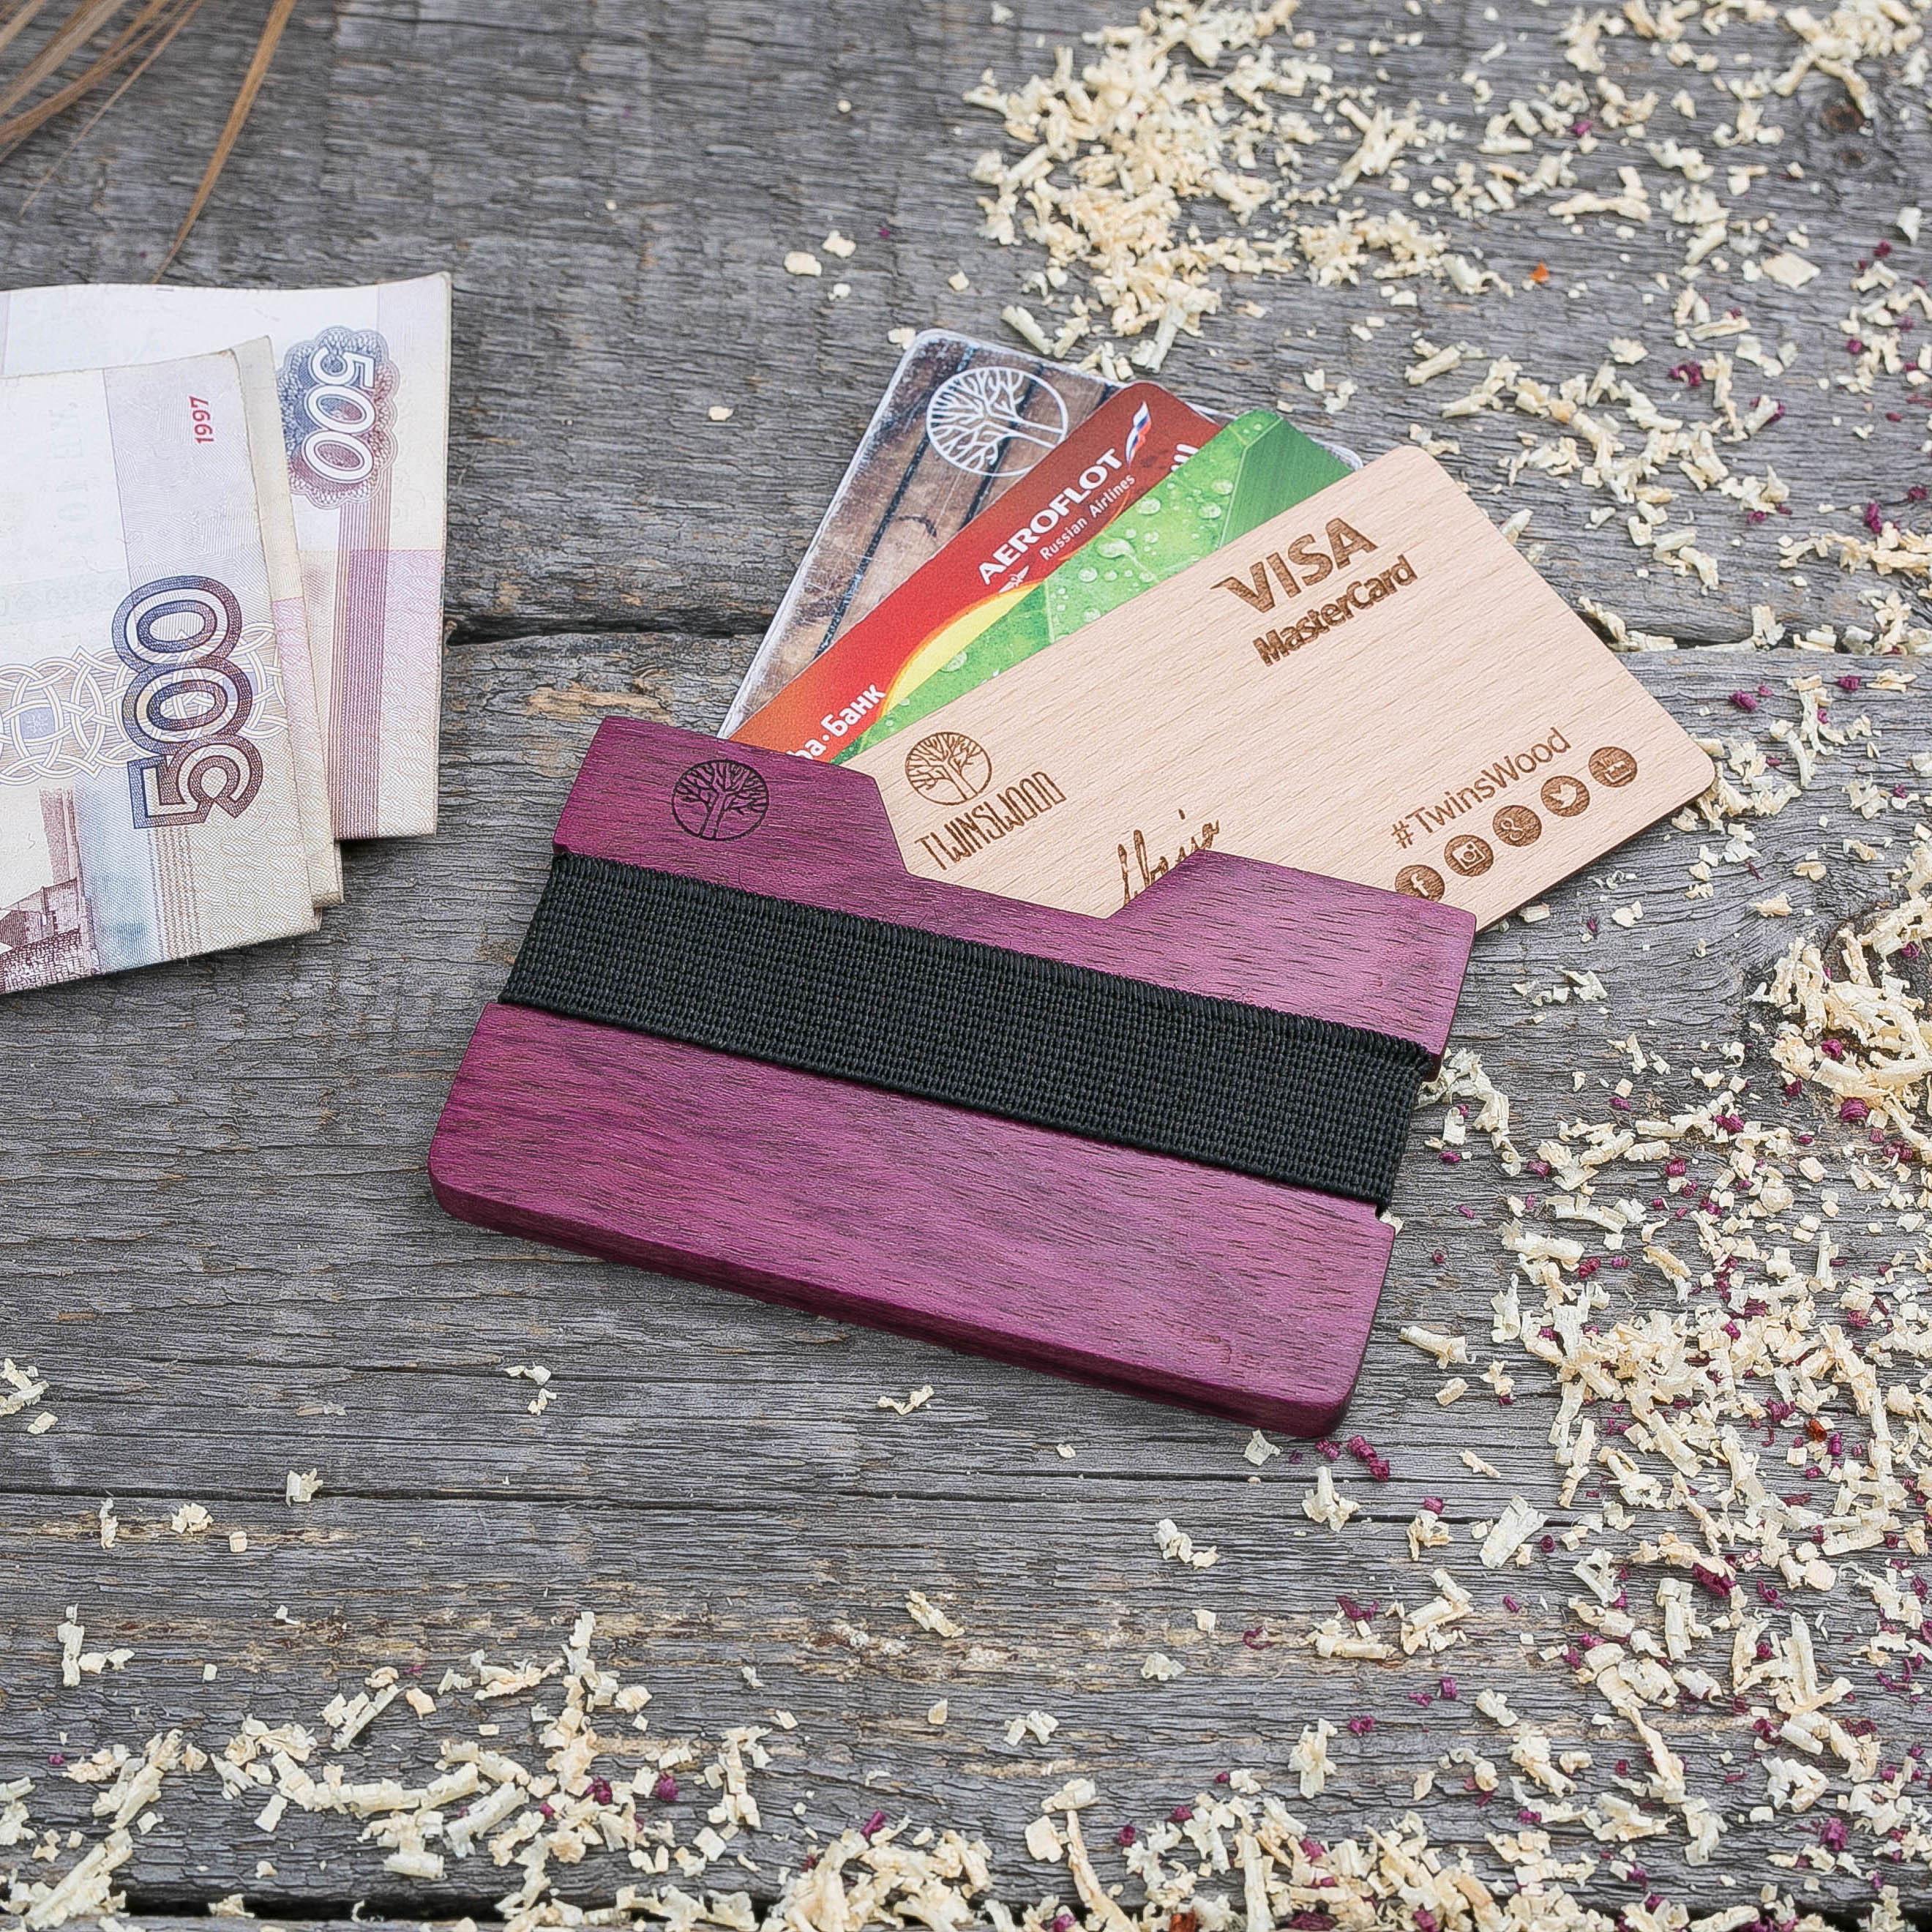 Деревянный кошелек  из амаранта. Горизонтальная загрузка. Для 1-6 пластиковых карт и купюр. Поддержка Apple Pay. Гравировка имени или логотипа. Бизнес сувенир. Подарок другу. Именной кошелек TwinsWood-AmaranthH